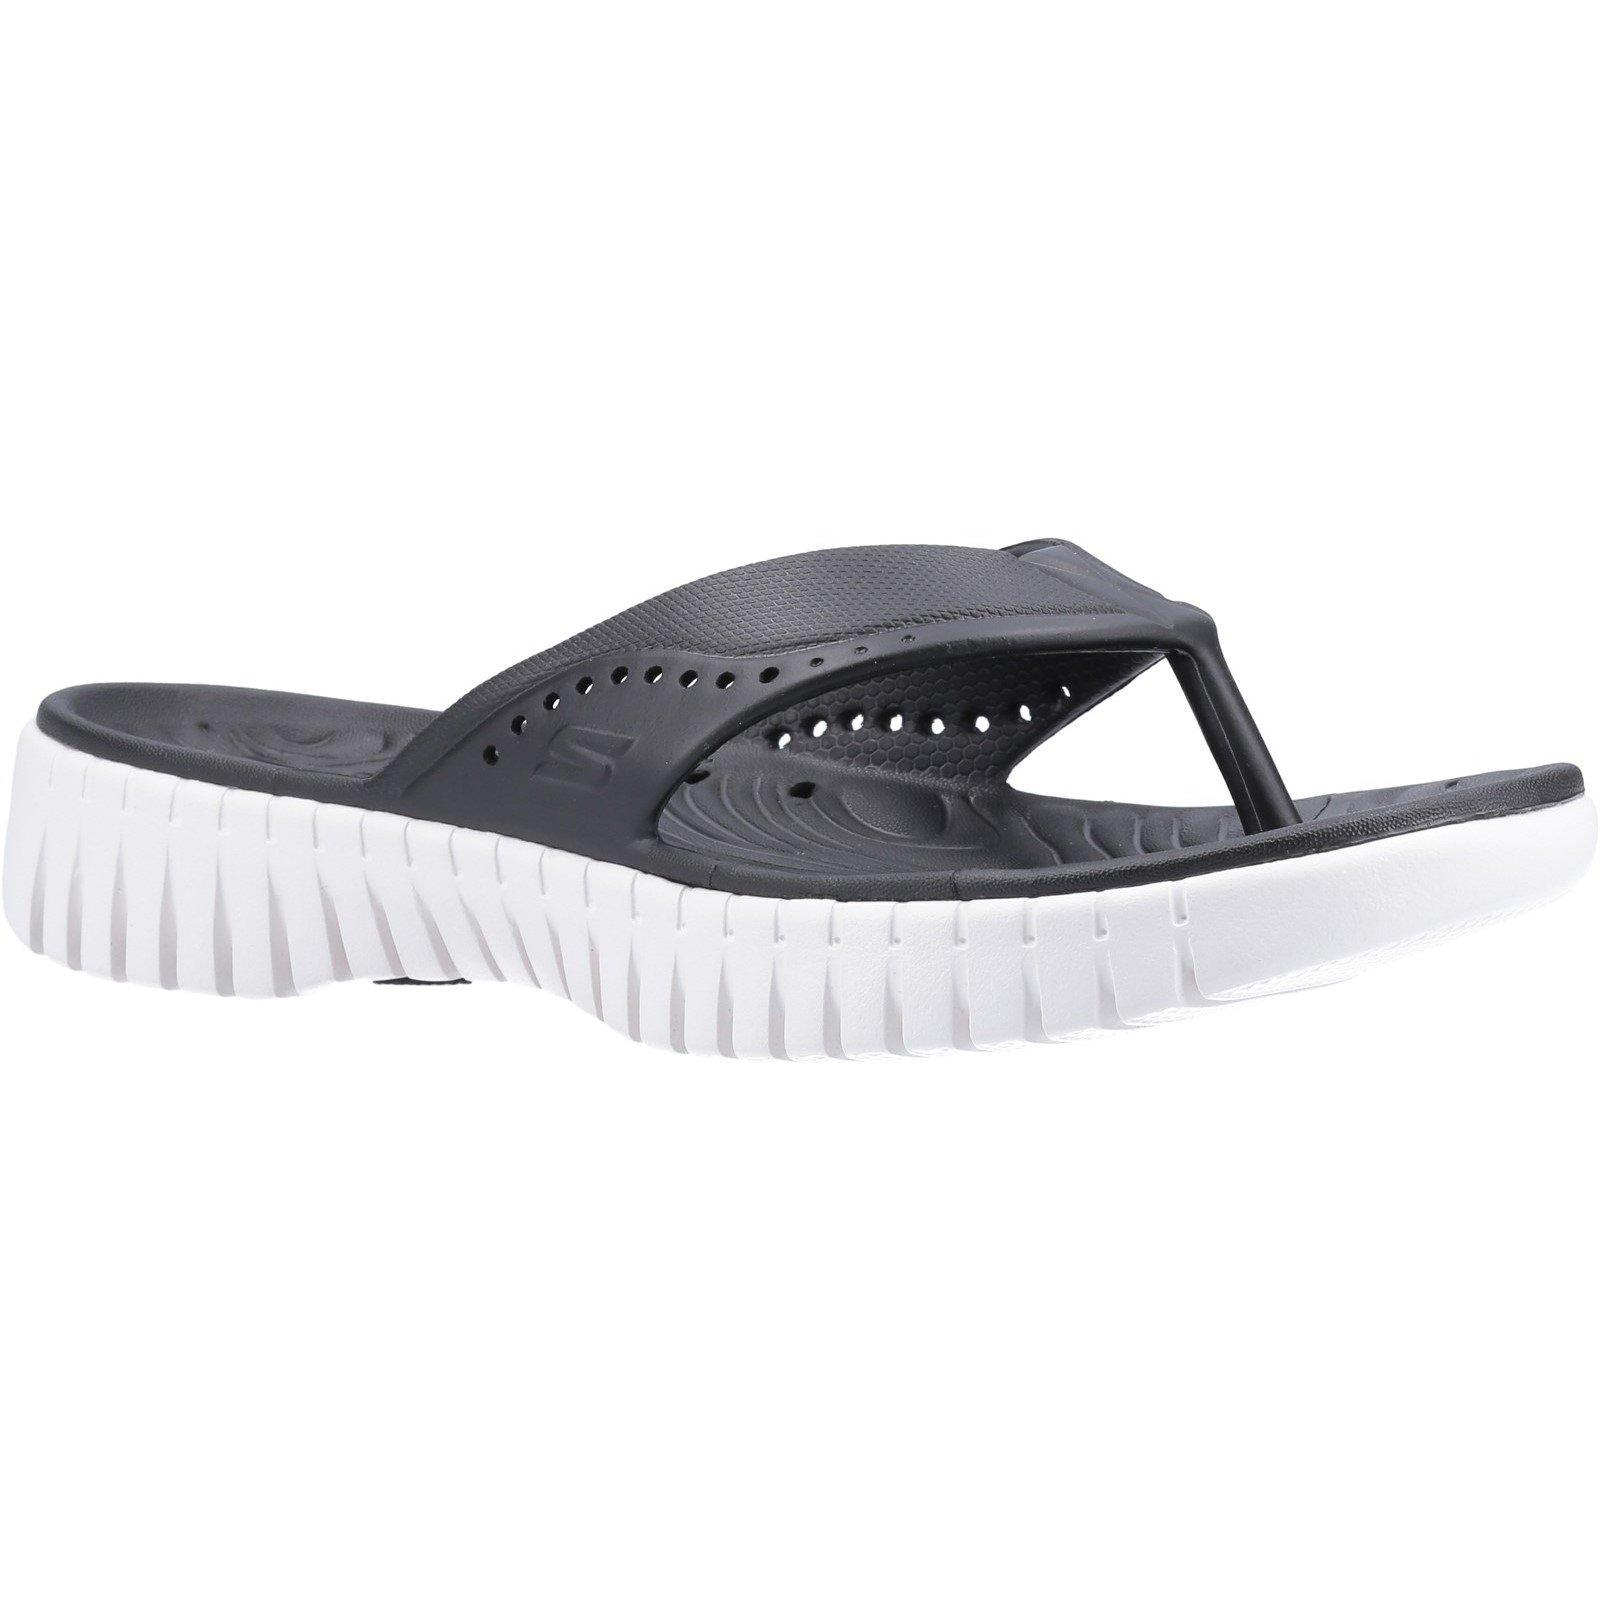 Skechers Women's GOwalk Smart Mahalo Sandal Various Colours 32371 - Black/White 7